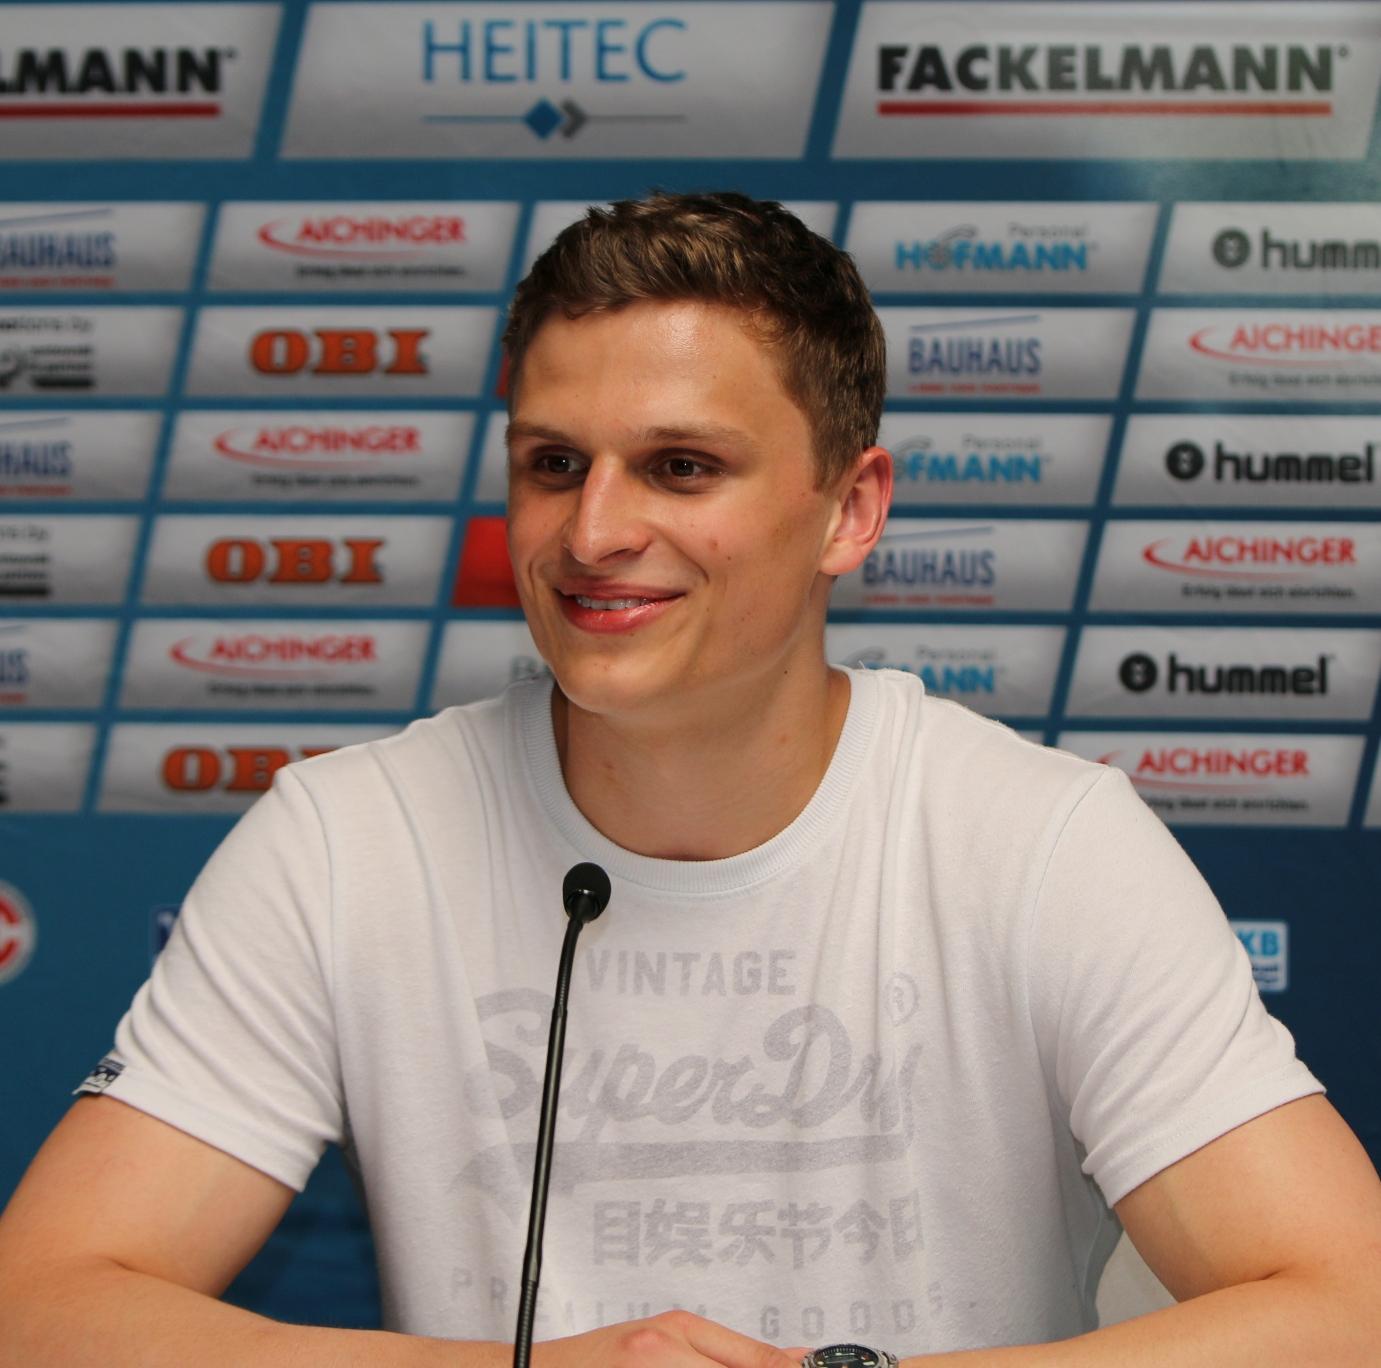 HC Erlangen verpflichtet russischen Junioren-Nationalspieler Gorpishin